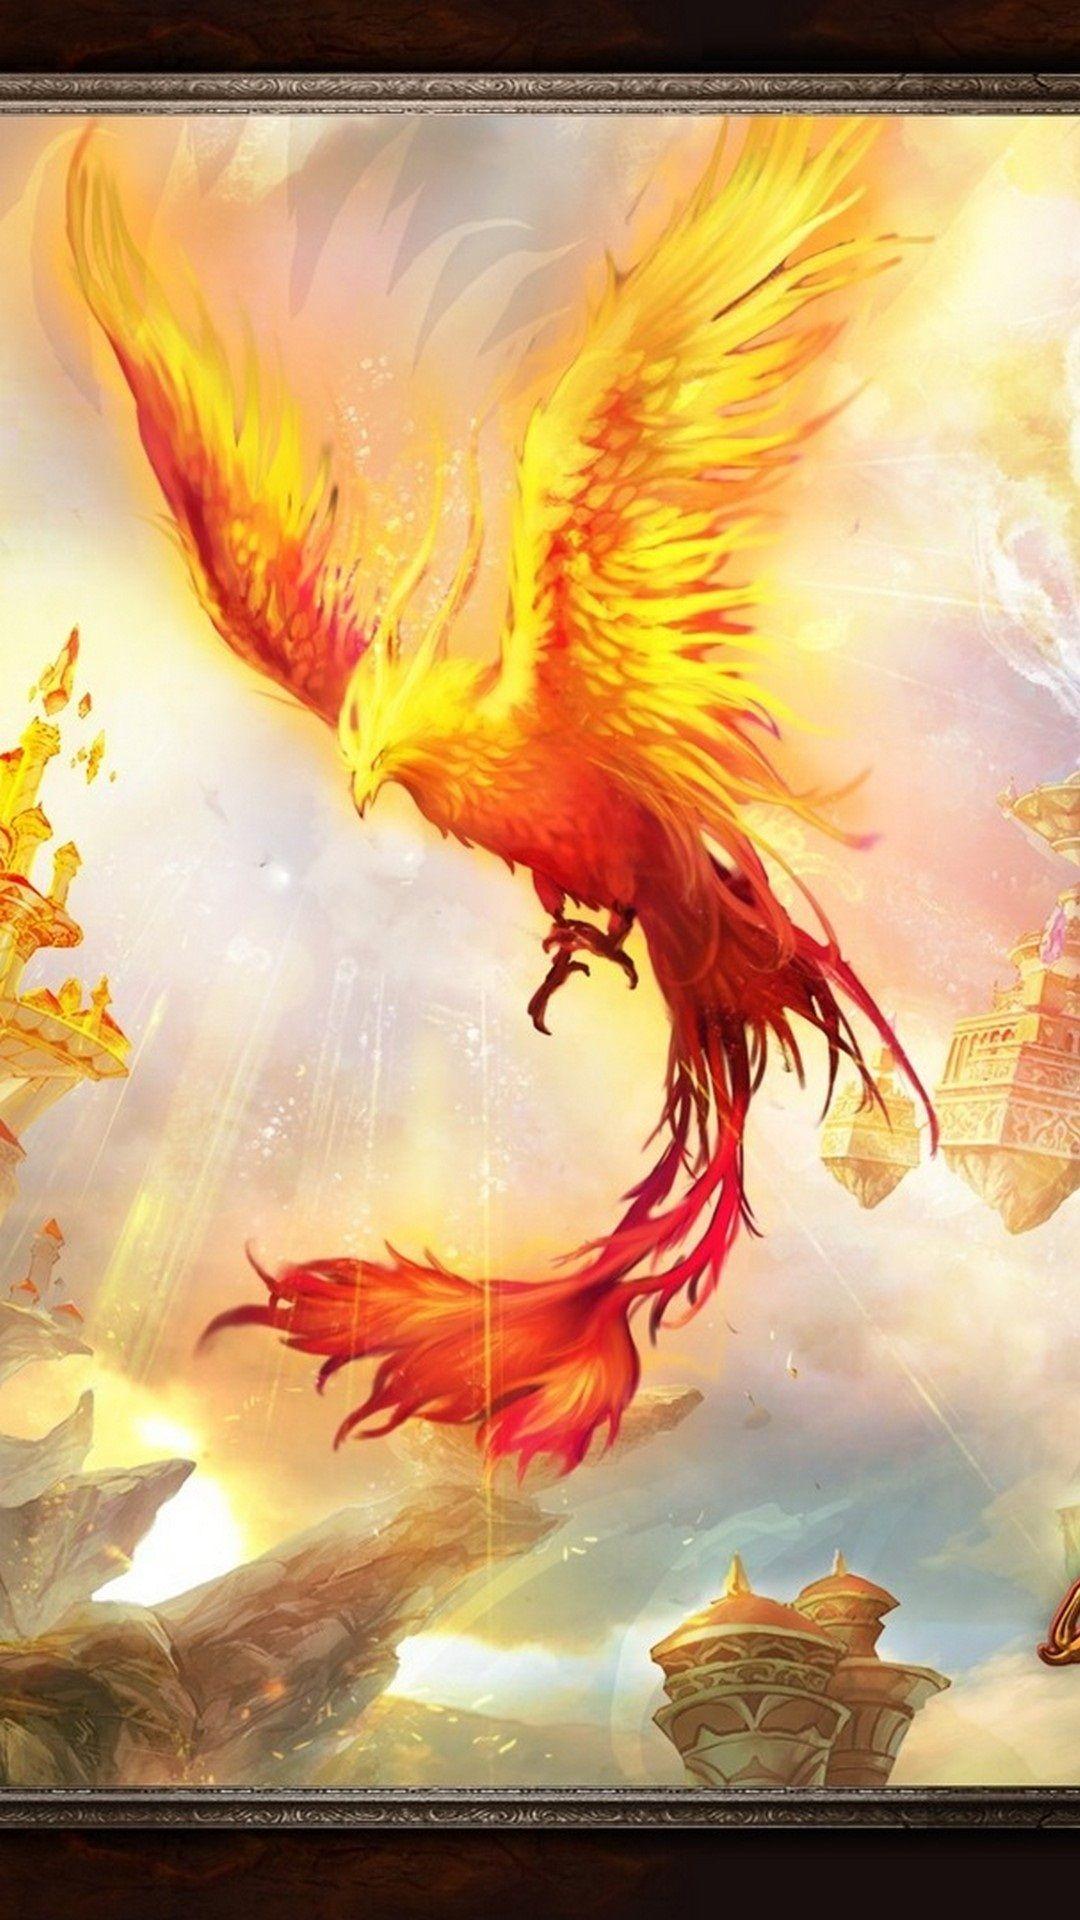 Phoenix Bird Wallpaper Hd 3d